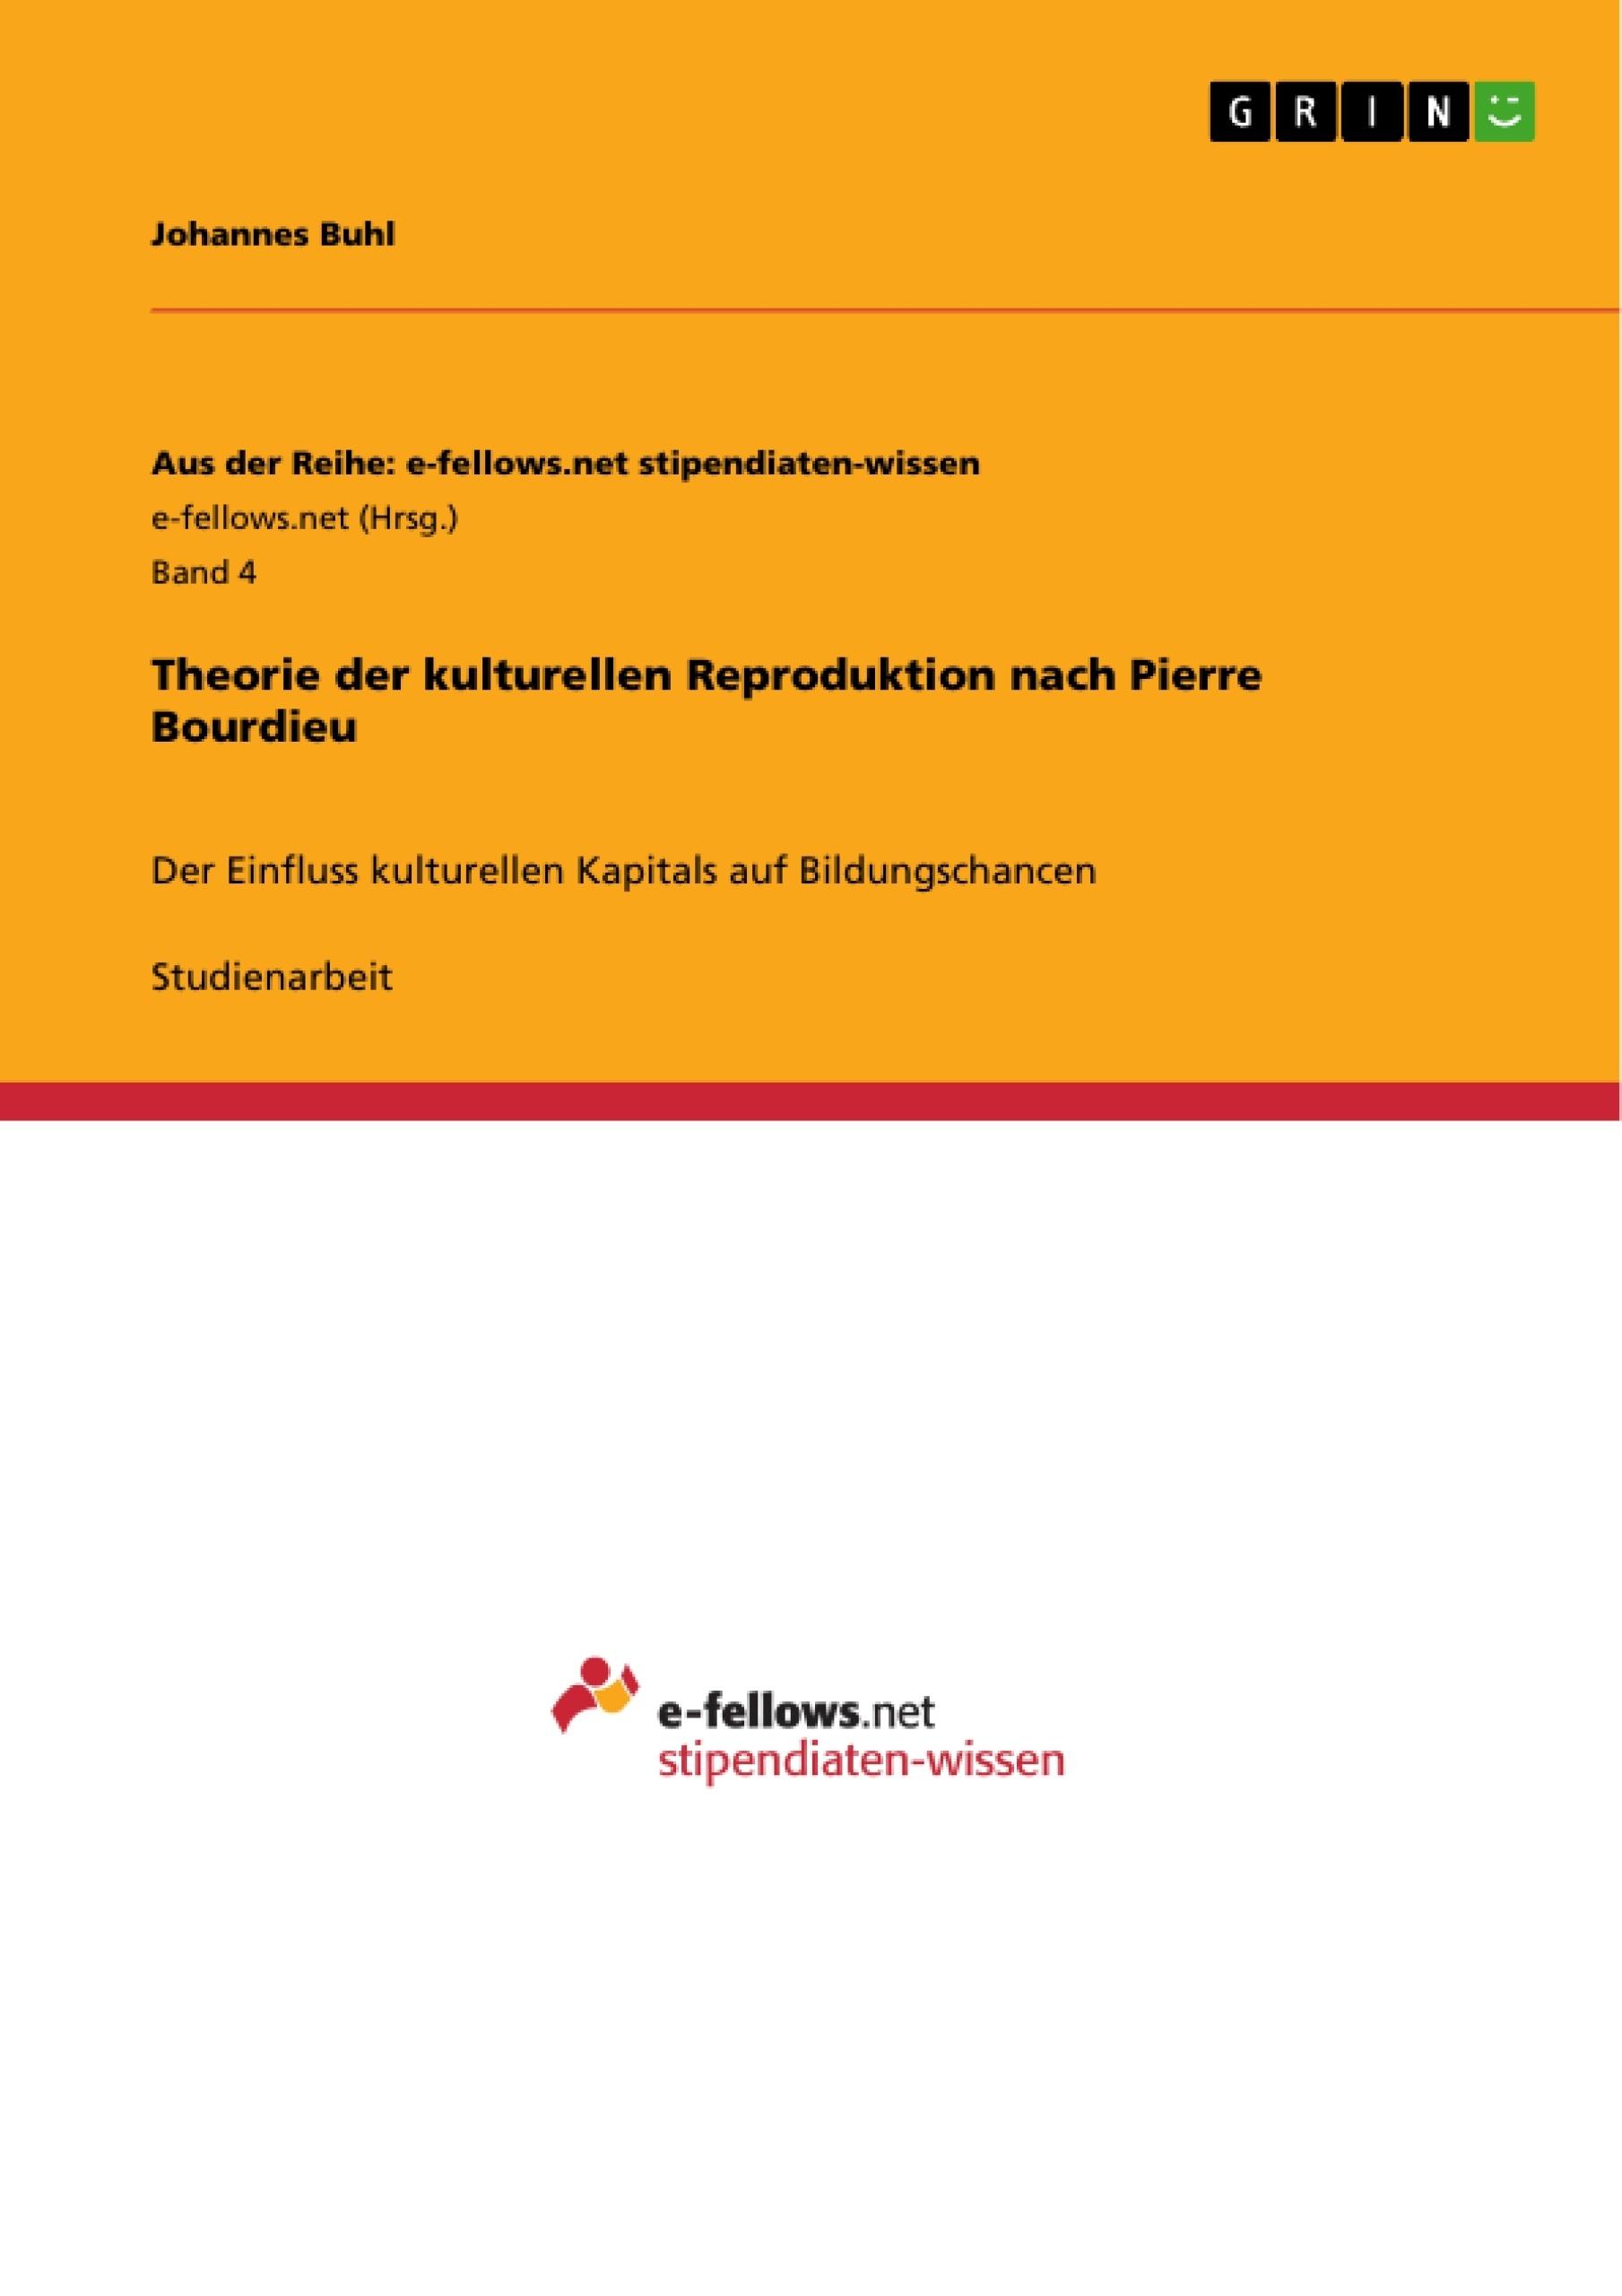 Titel: Theorie der kulturellen Reproduktion nach Pierre Bourdieu